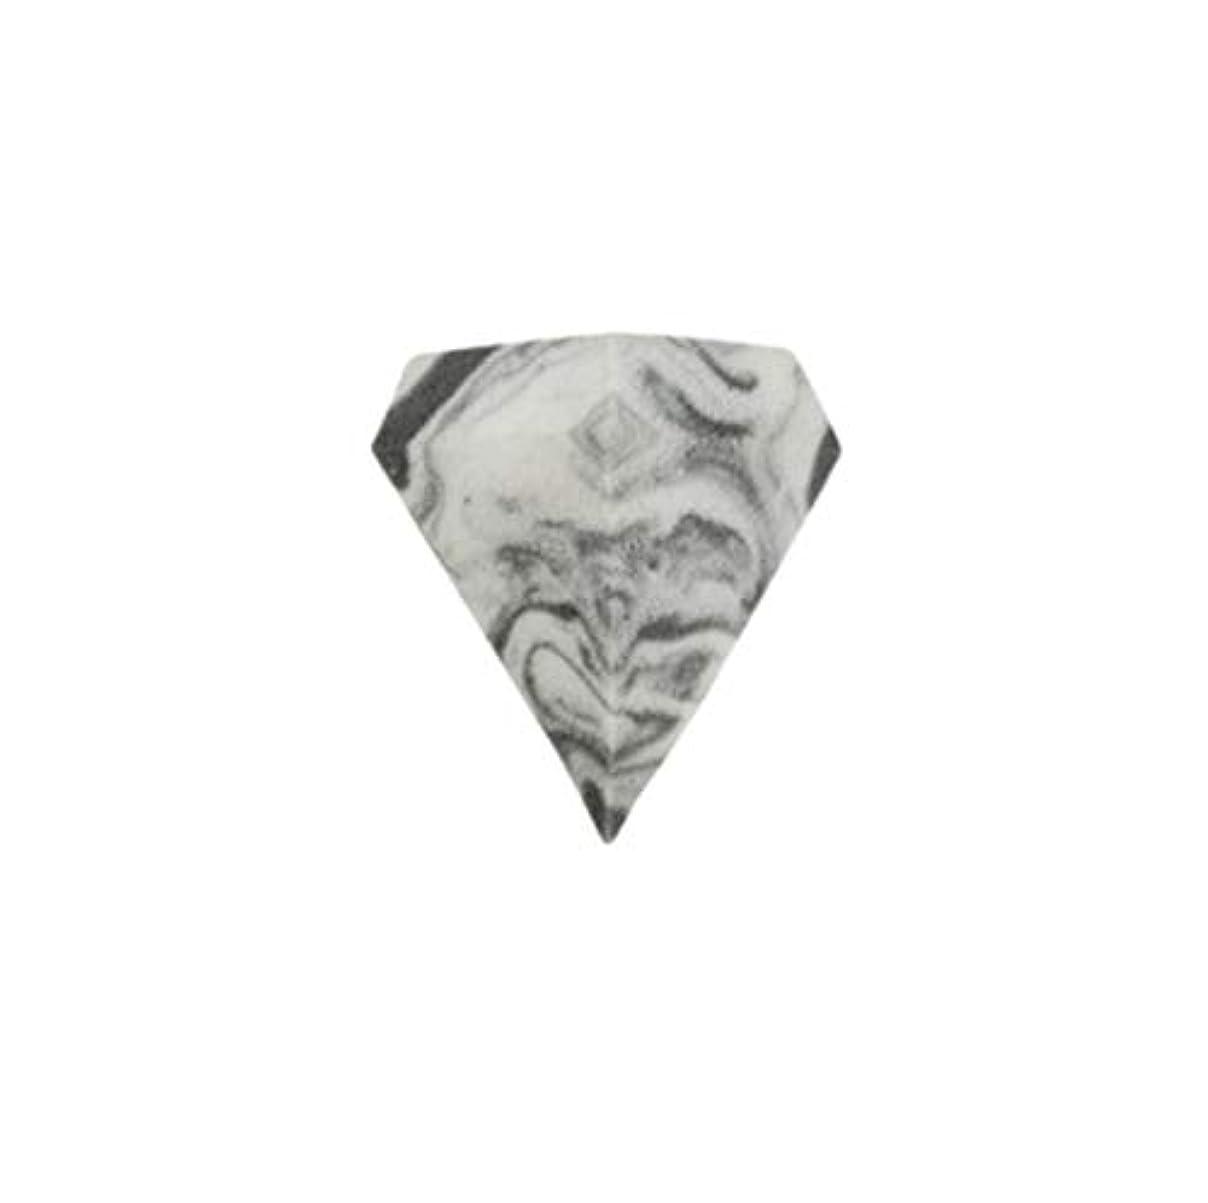 グローブフックロック美のスポンジ、柔らかいダイヤモンド形の構造の混合物の基礎スポンジ